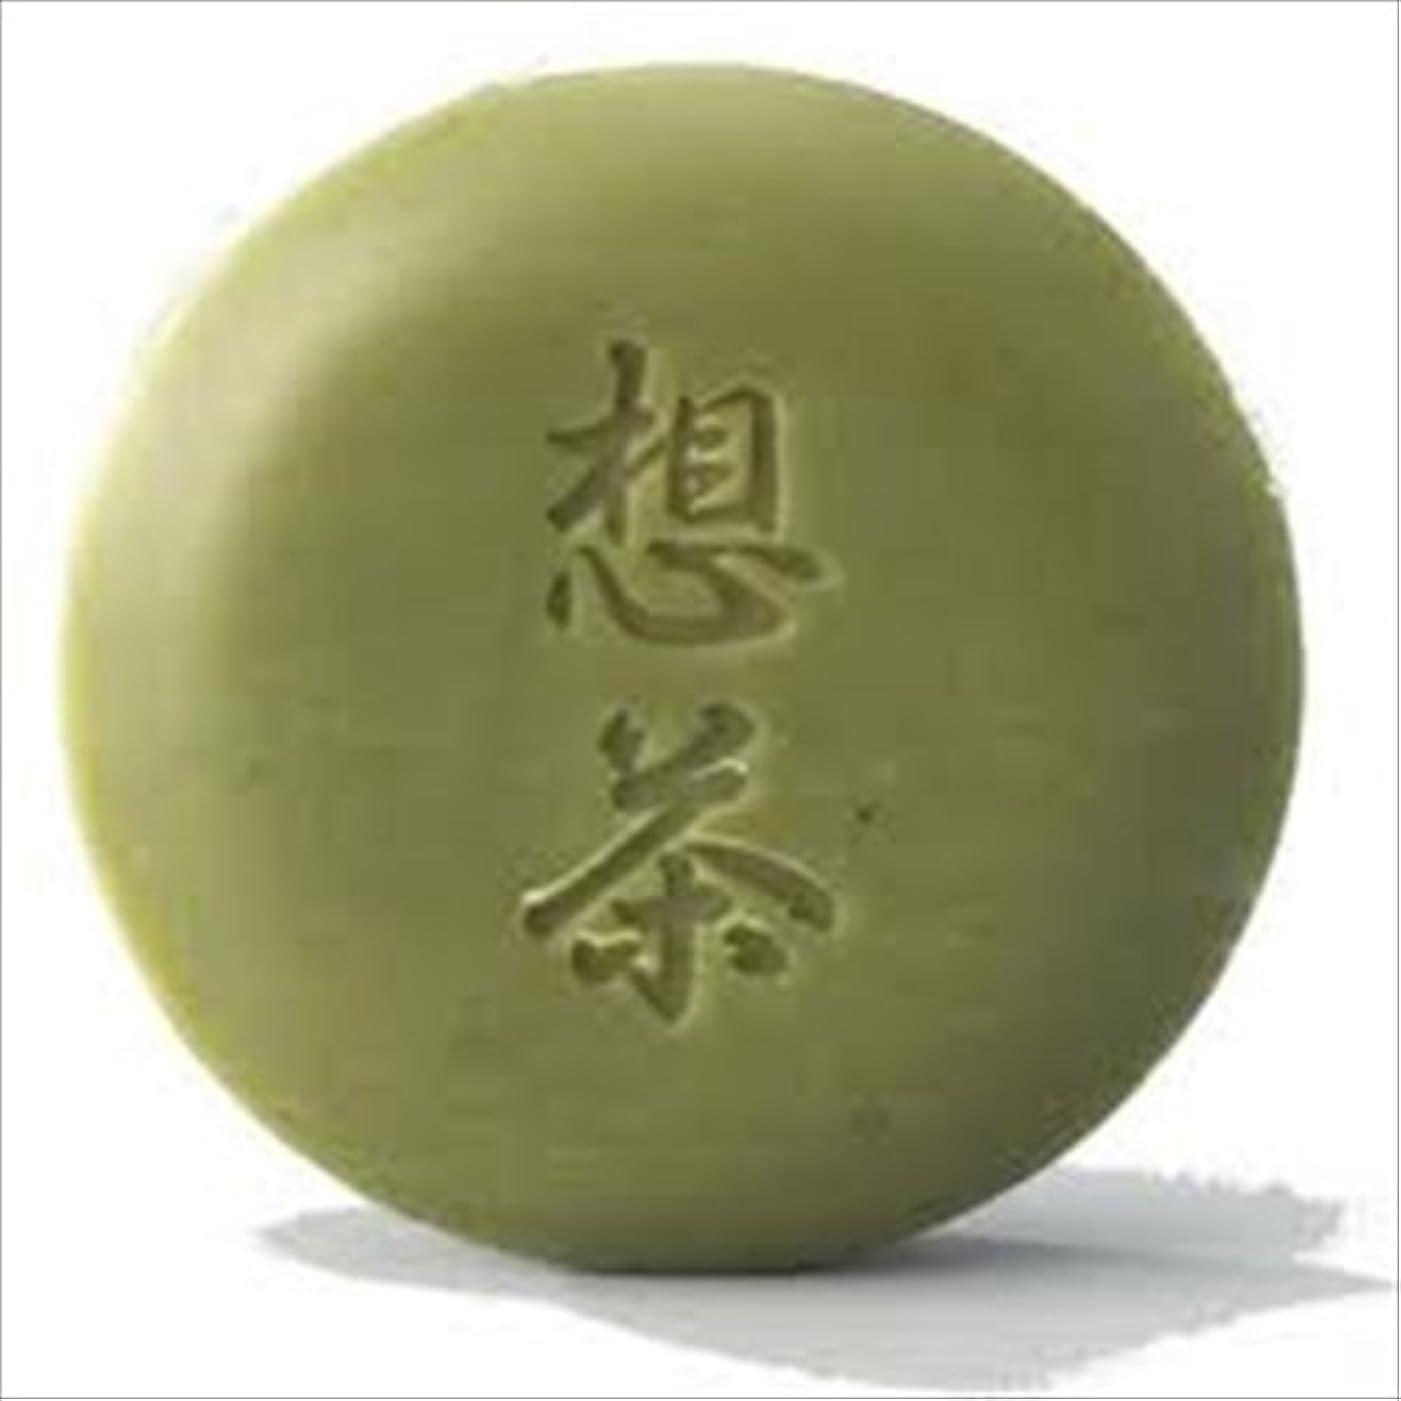 受取人宗教理由静岡茶粉末入 想茶石鹸